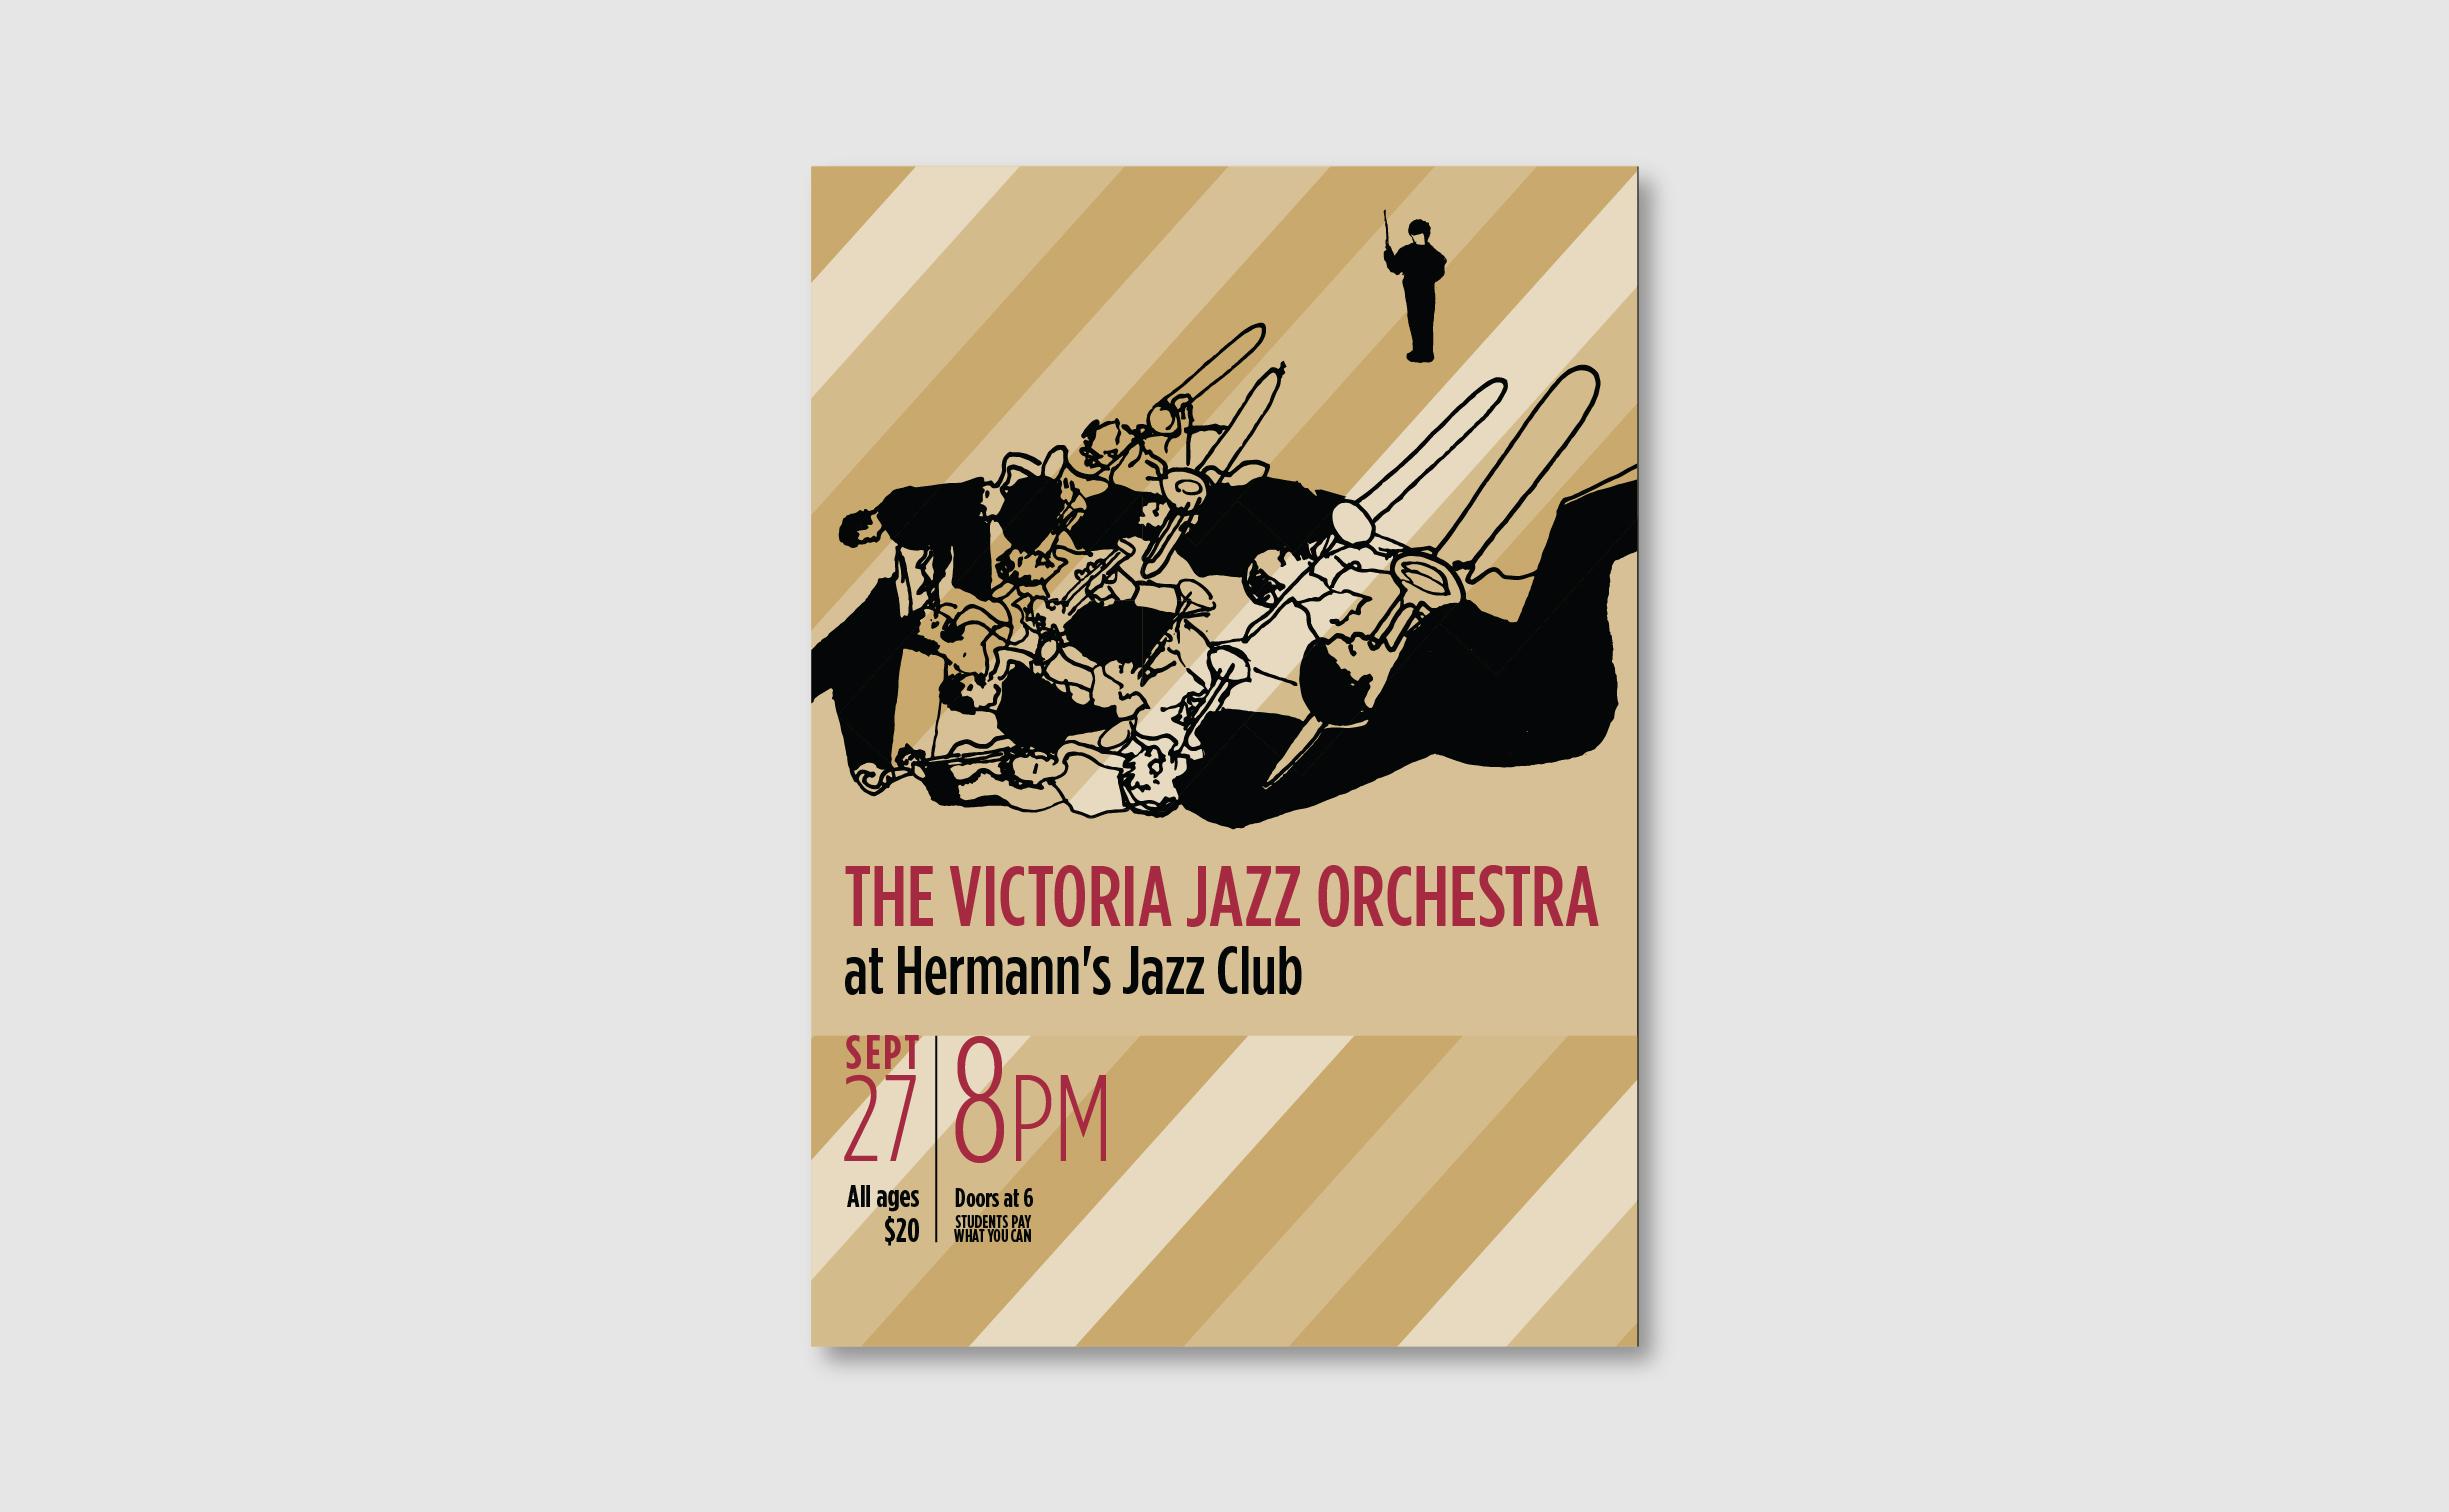 Simeon-Goa_Victoria-Canada_Graphic-Design_Illustration-victoria-jazz-orchestra_Hermanns-Jazz-Club.jpg